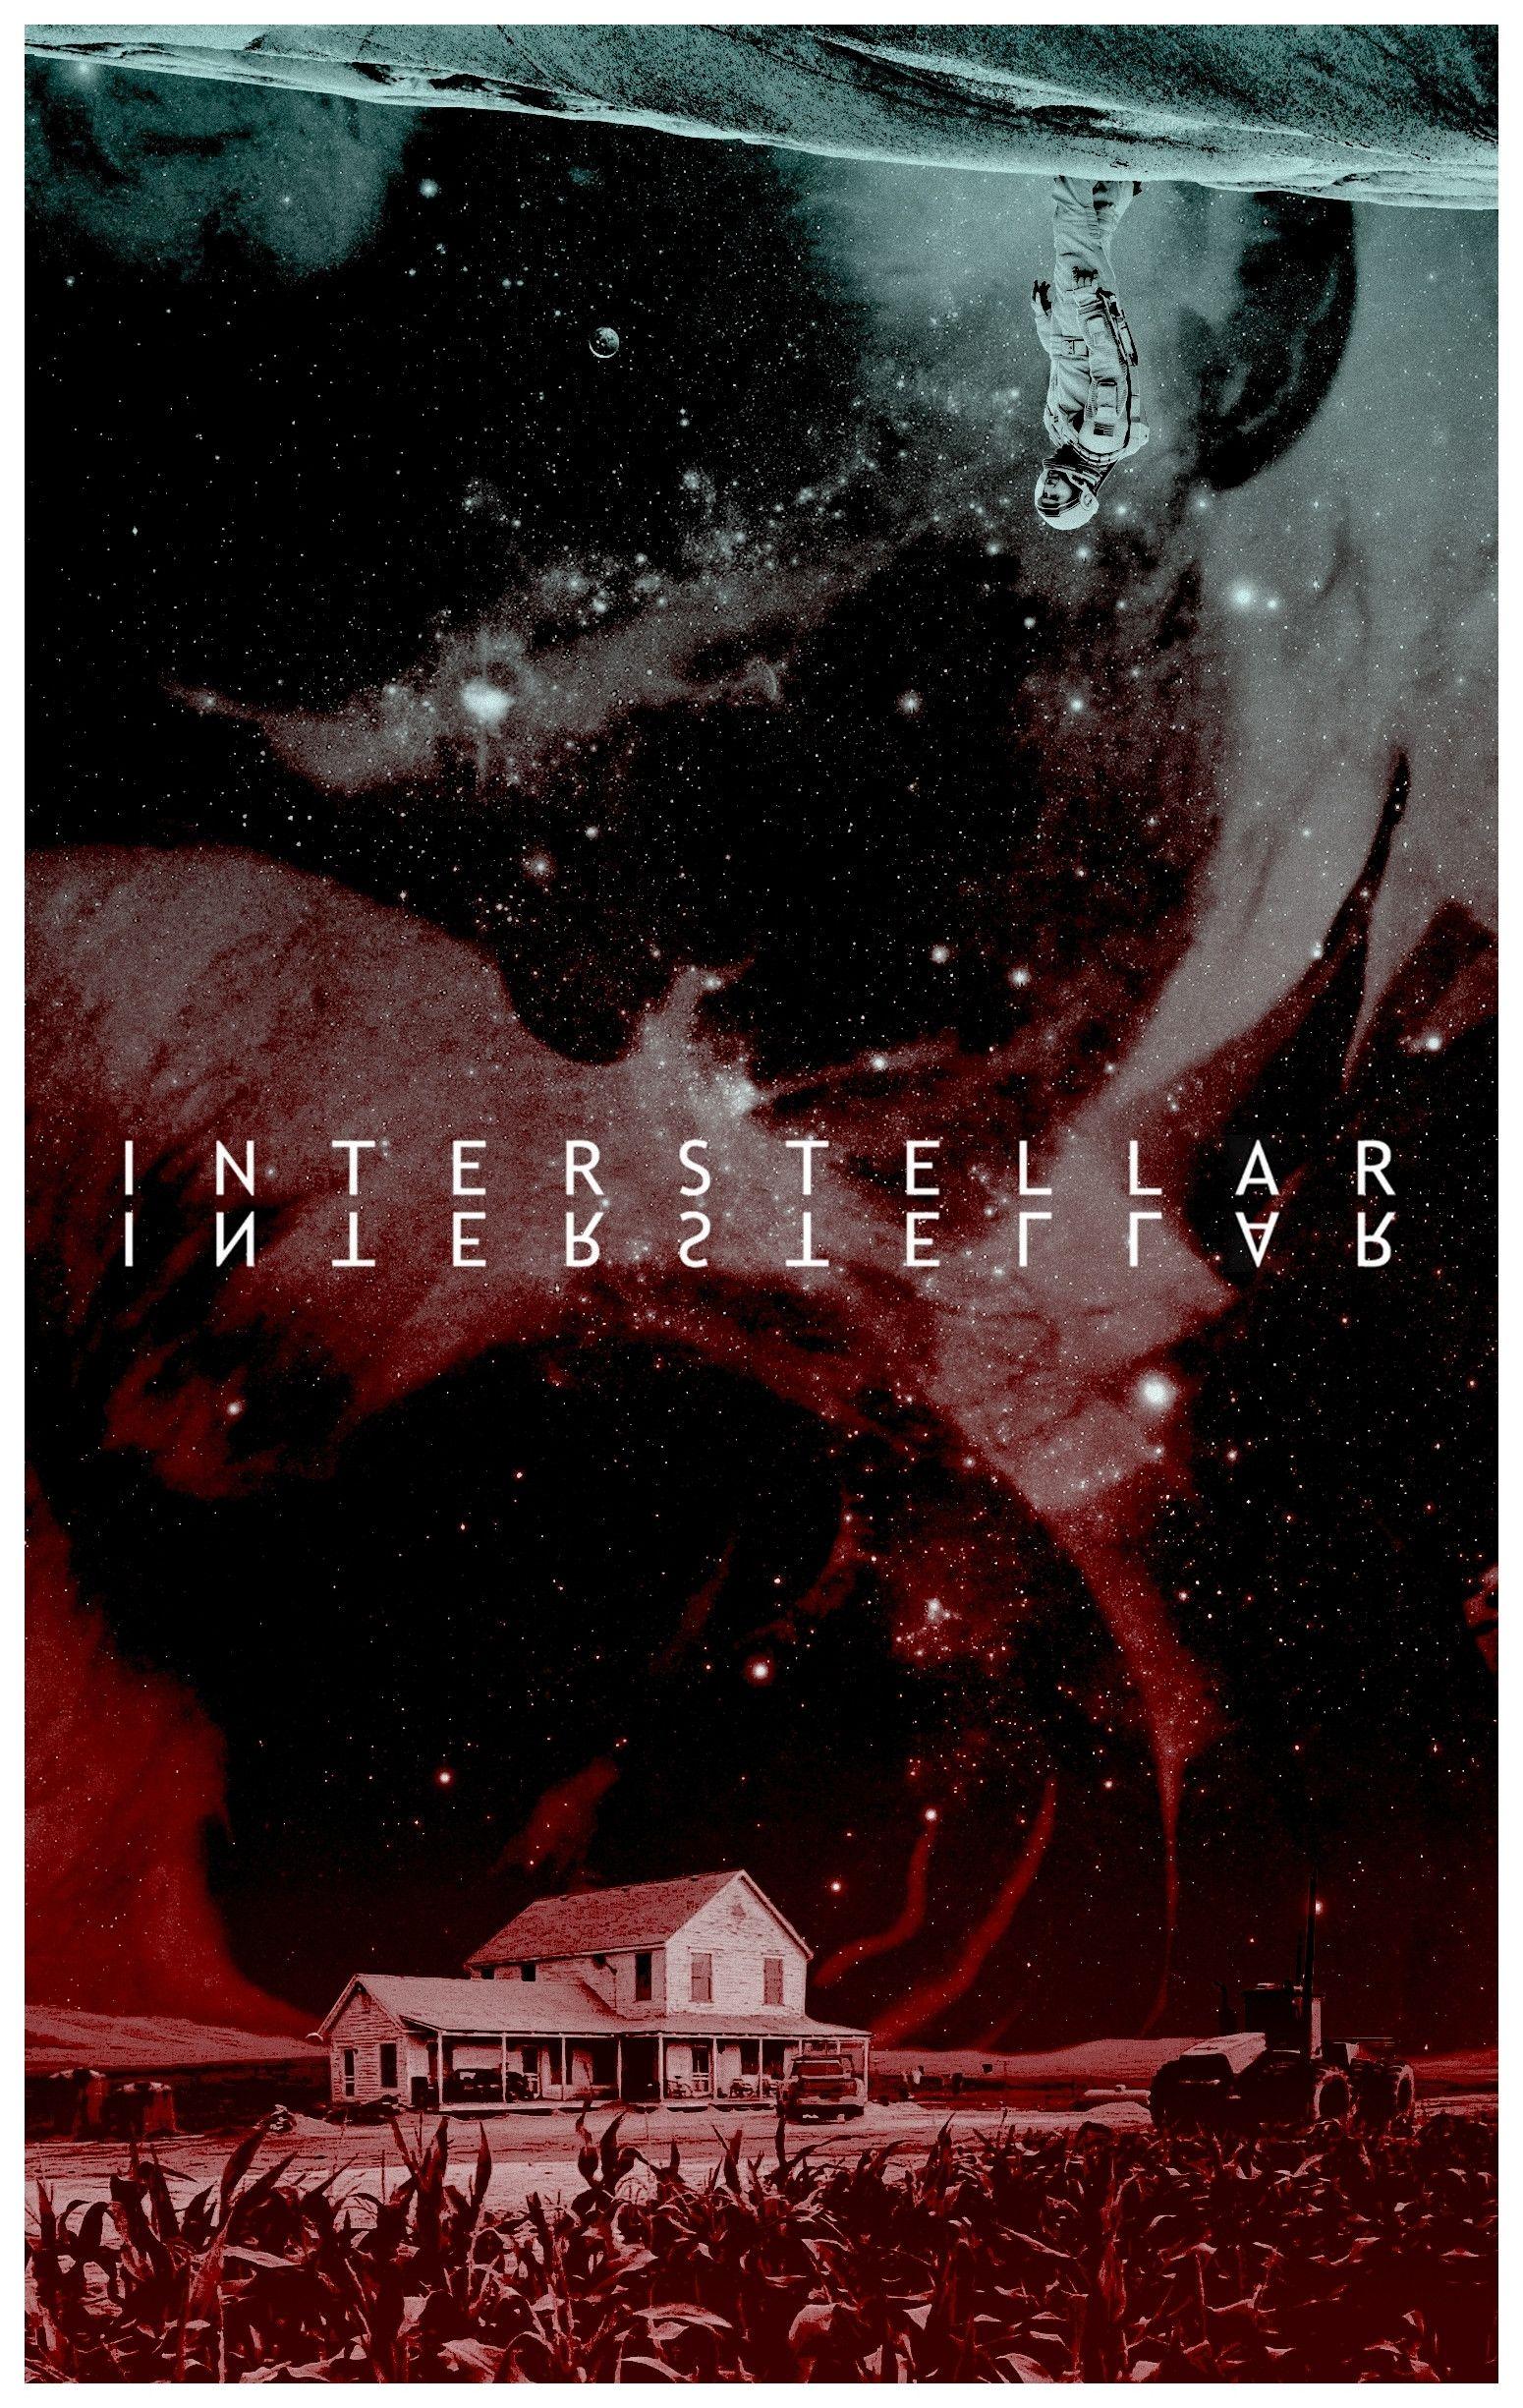 Interstellar #alternative #movie#art#poster #complex #illustration #film #creative